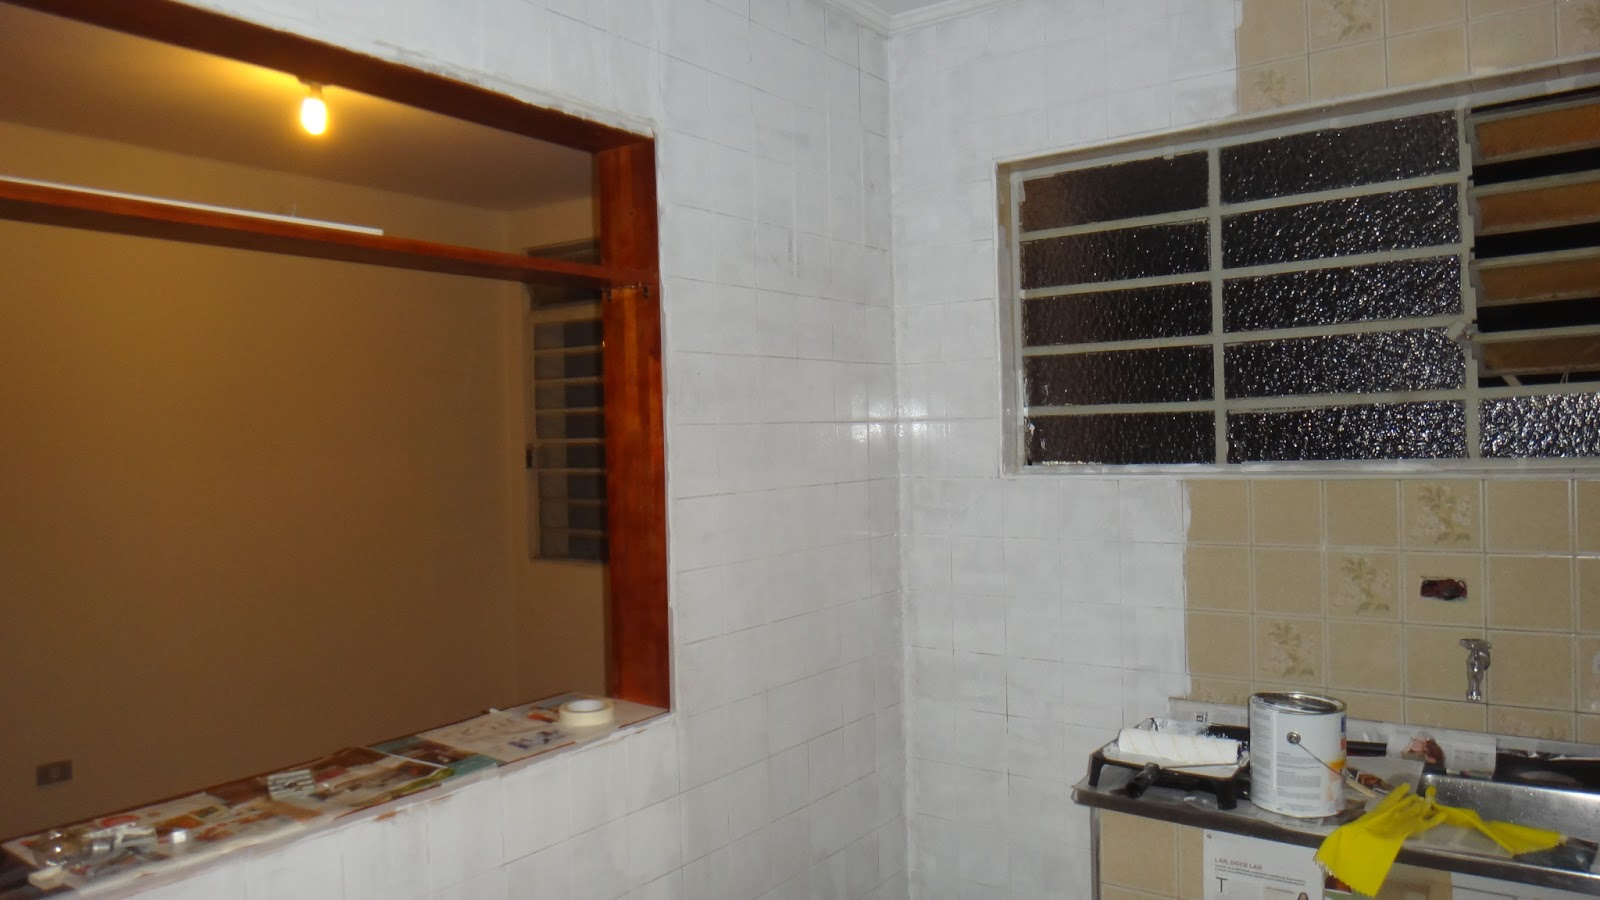 se esta casa fosse minha!?: SOS Cozinha! Pintando azulejos  #B0841B 1600x900 Azulejo Para Banheiro C&c